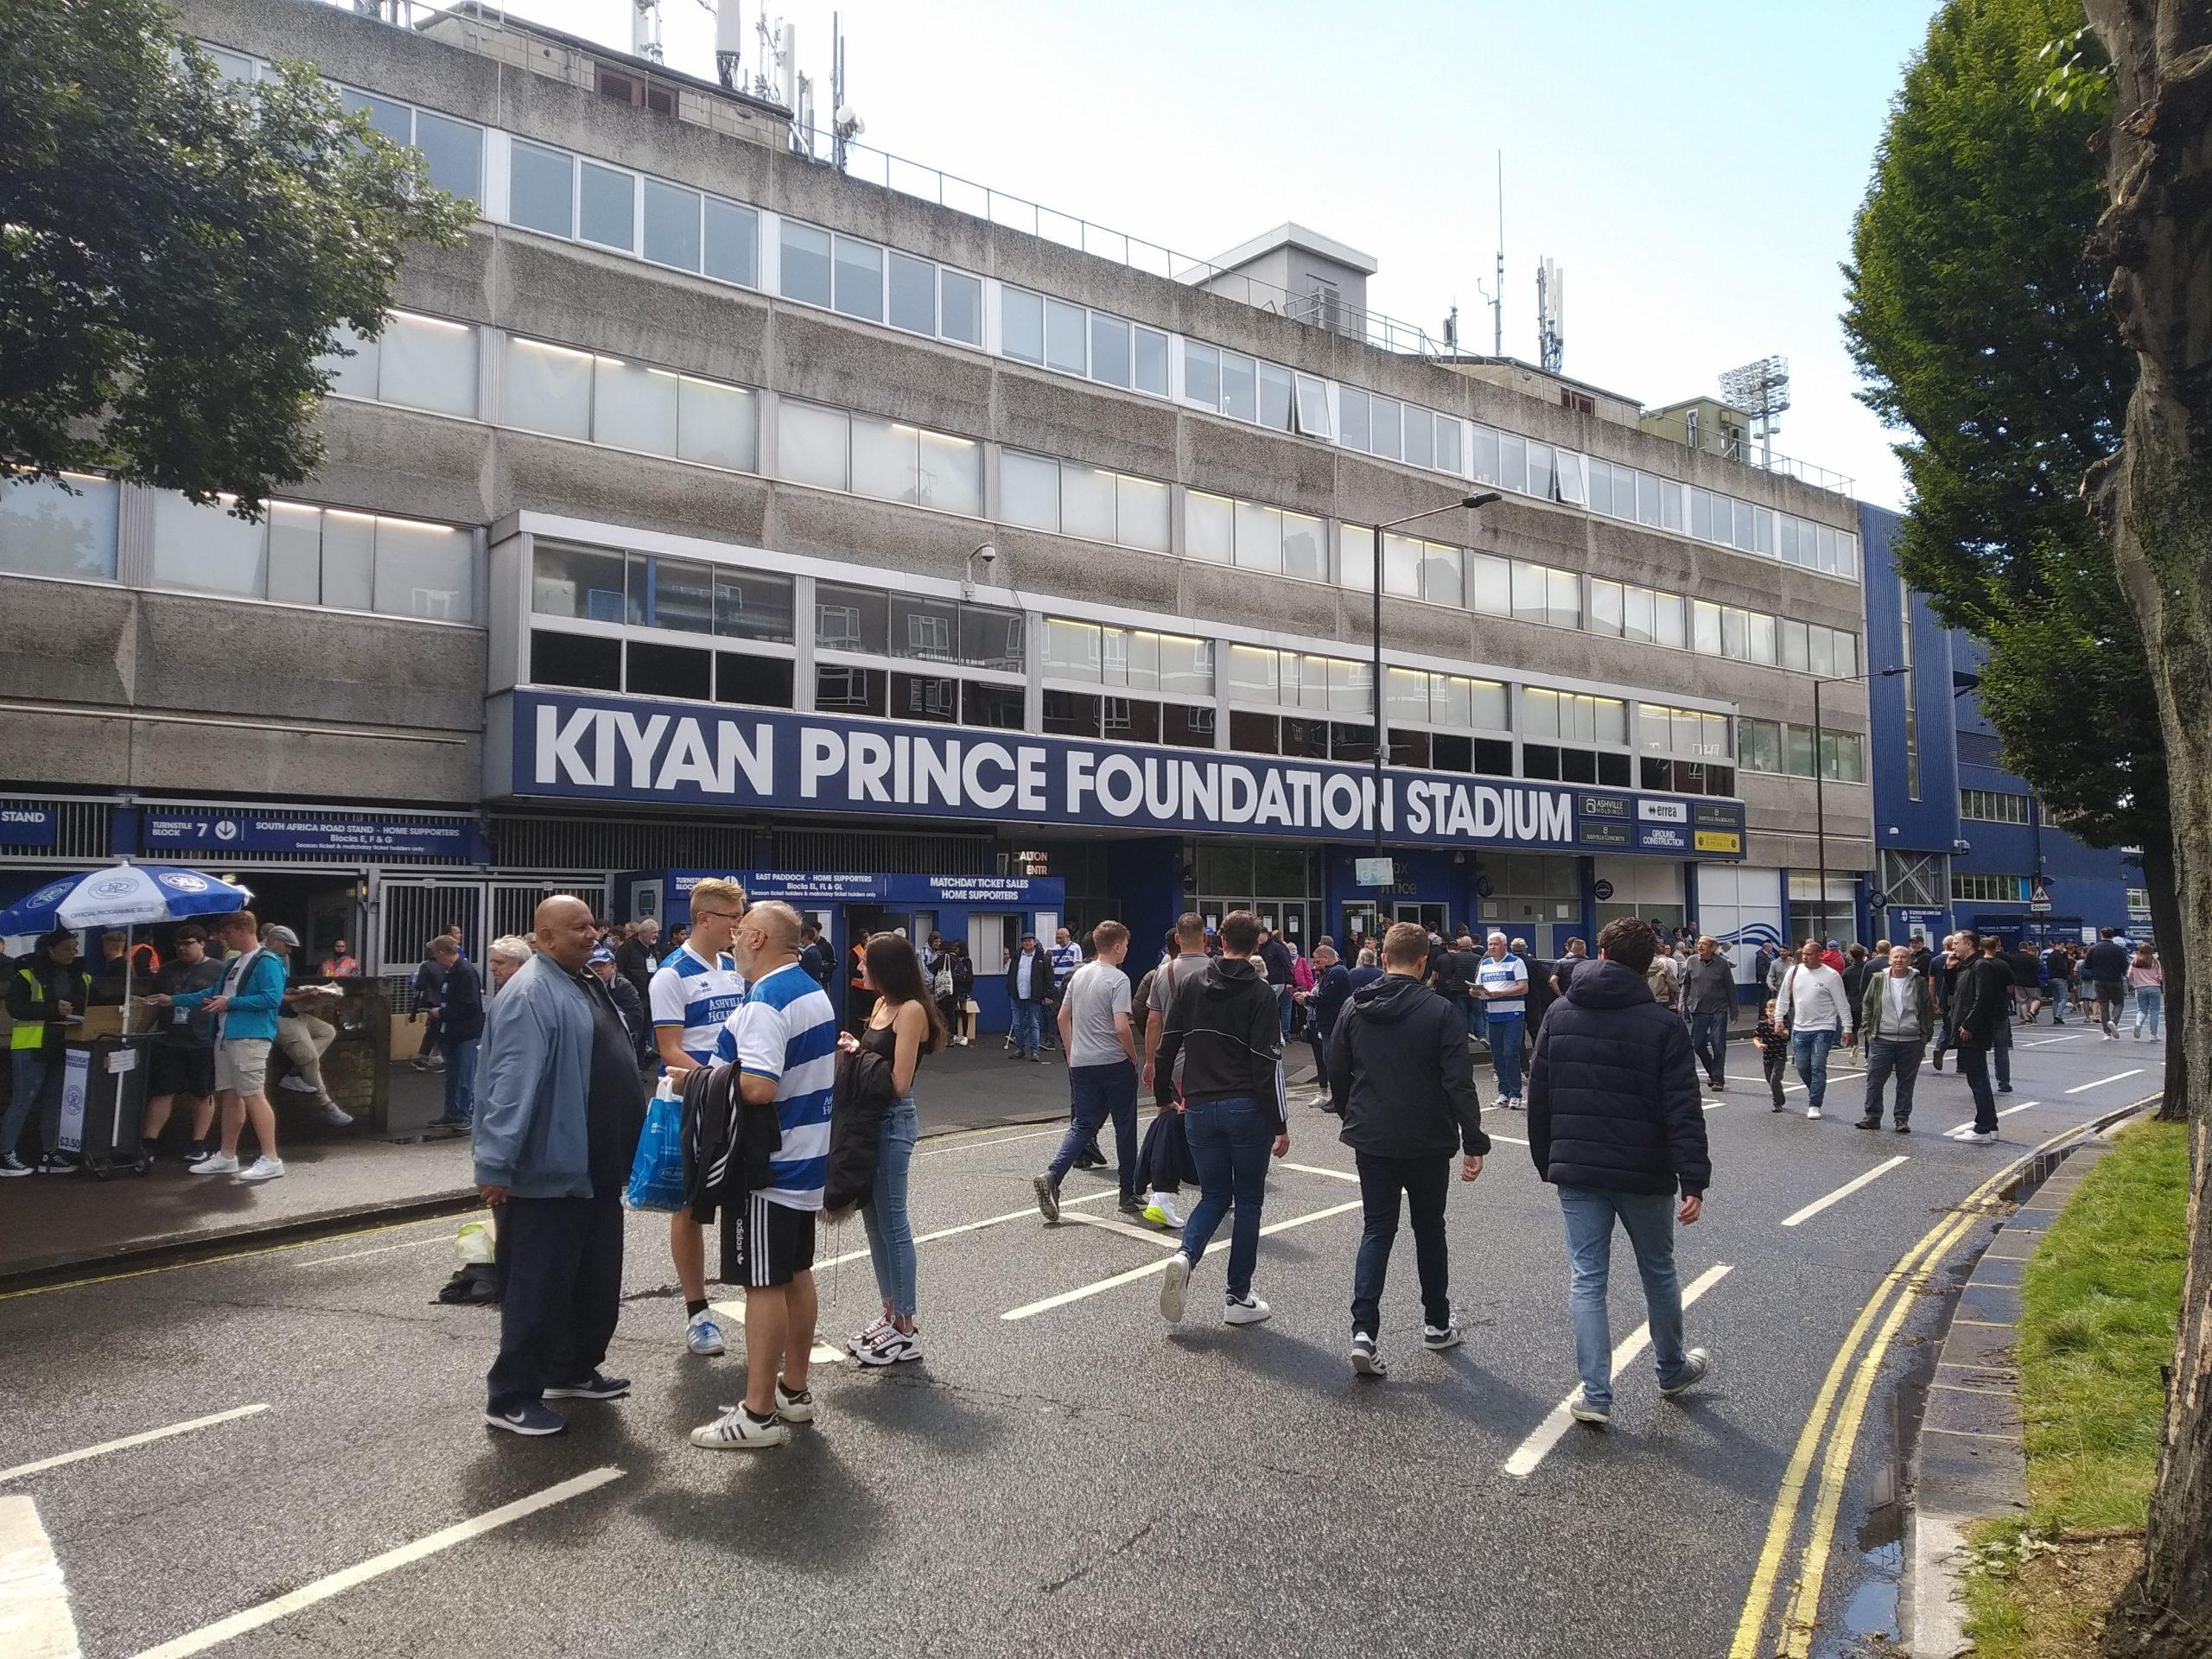 QPR - Millwall (sabato 7 agosto 2021) - Photo by Il Calcio a Londra